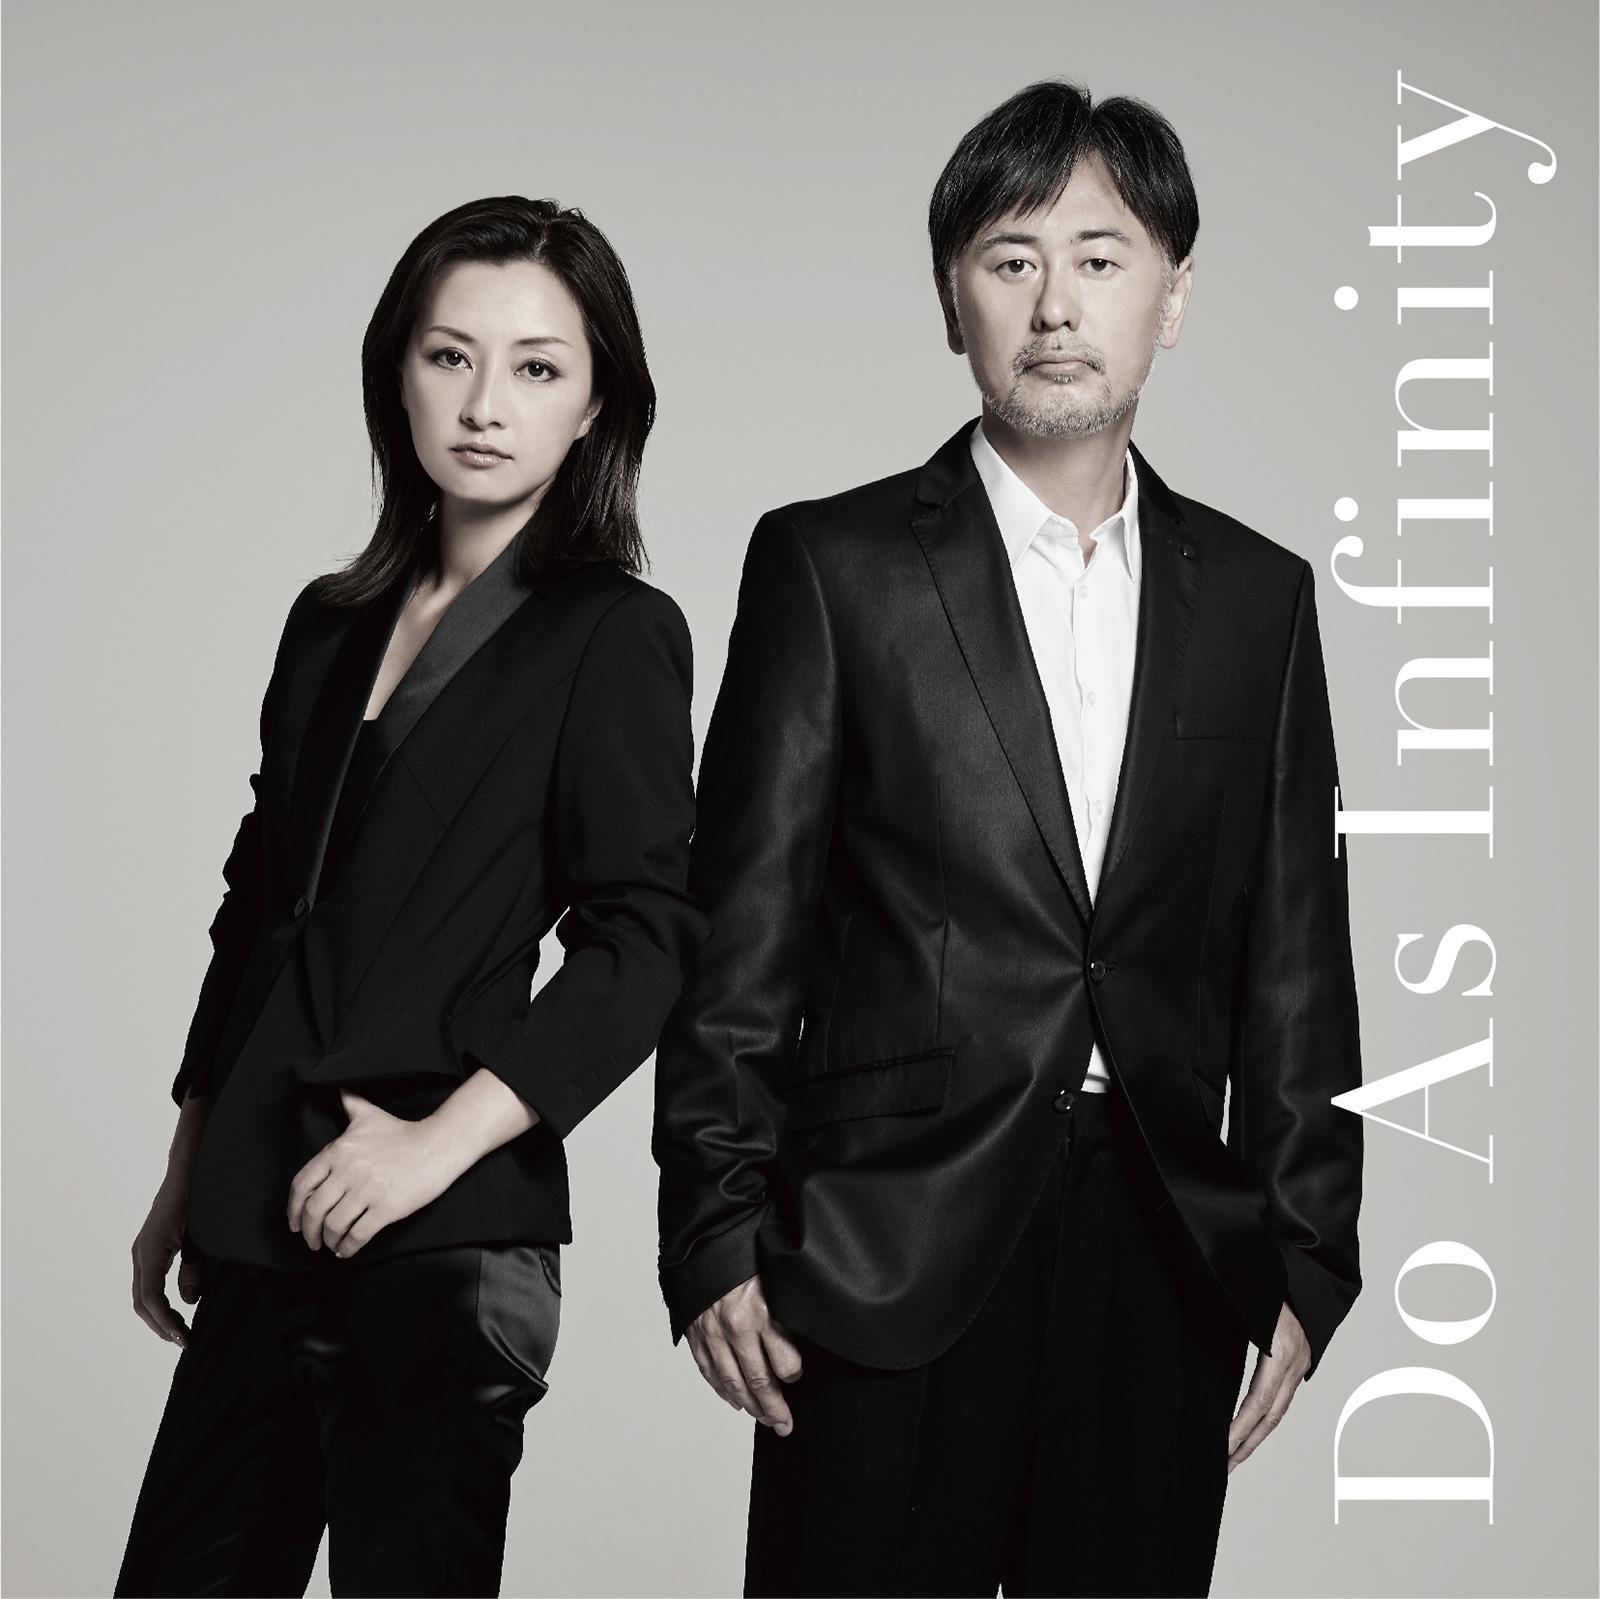 アルバム【Do As Infinity】